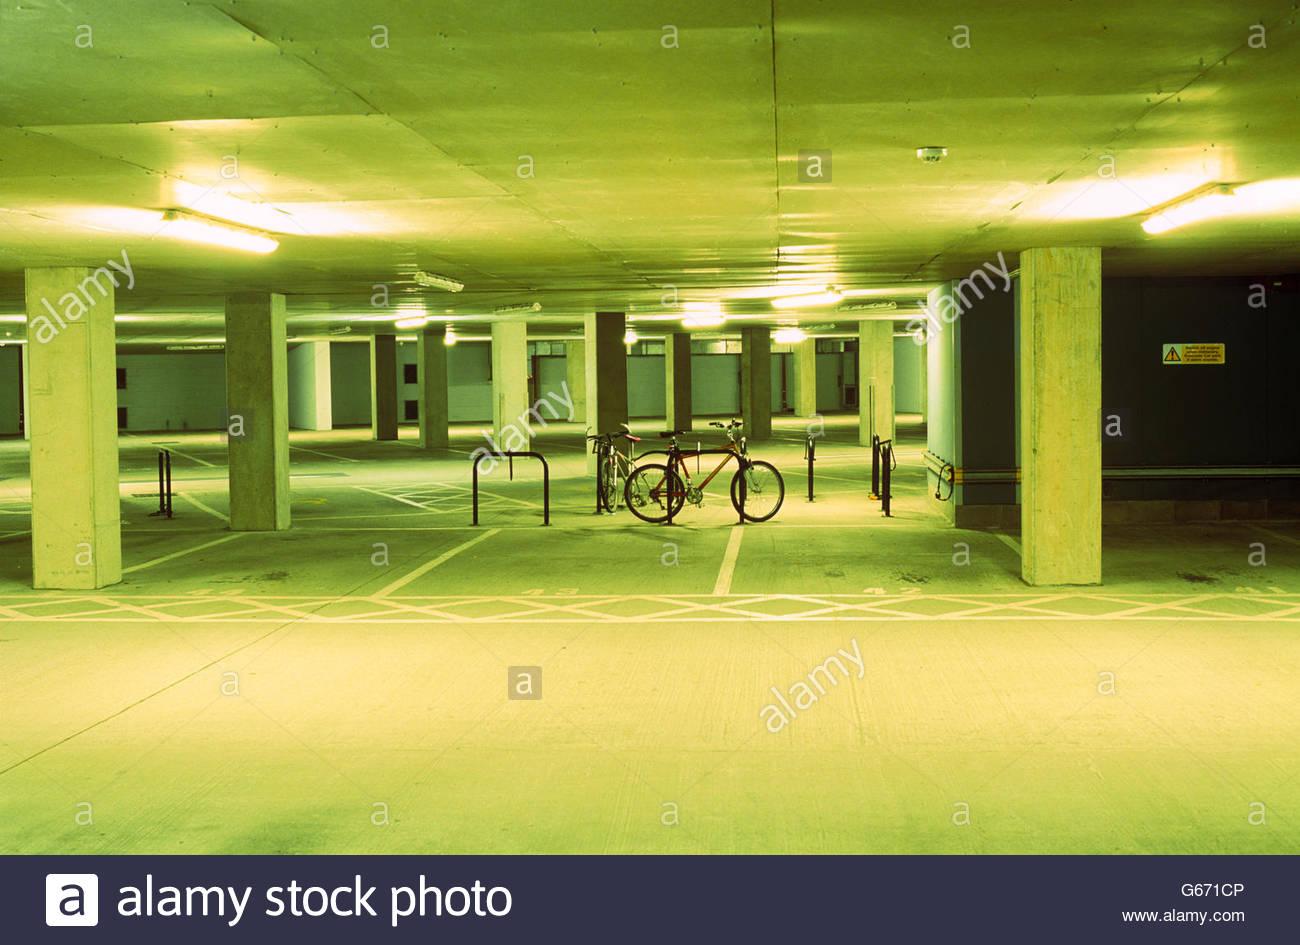 Fahrrad in grünen Parkplatz Stockbild